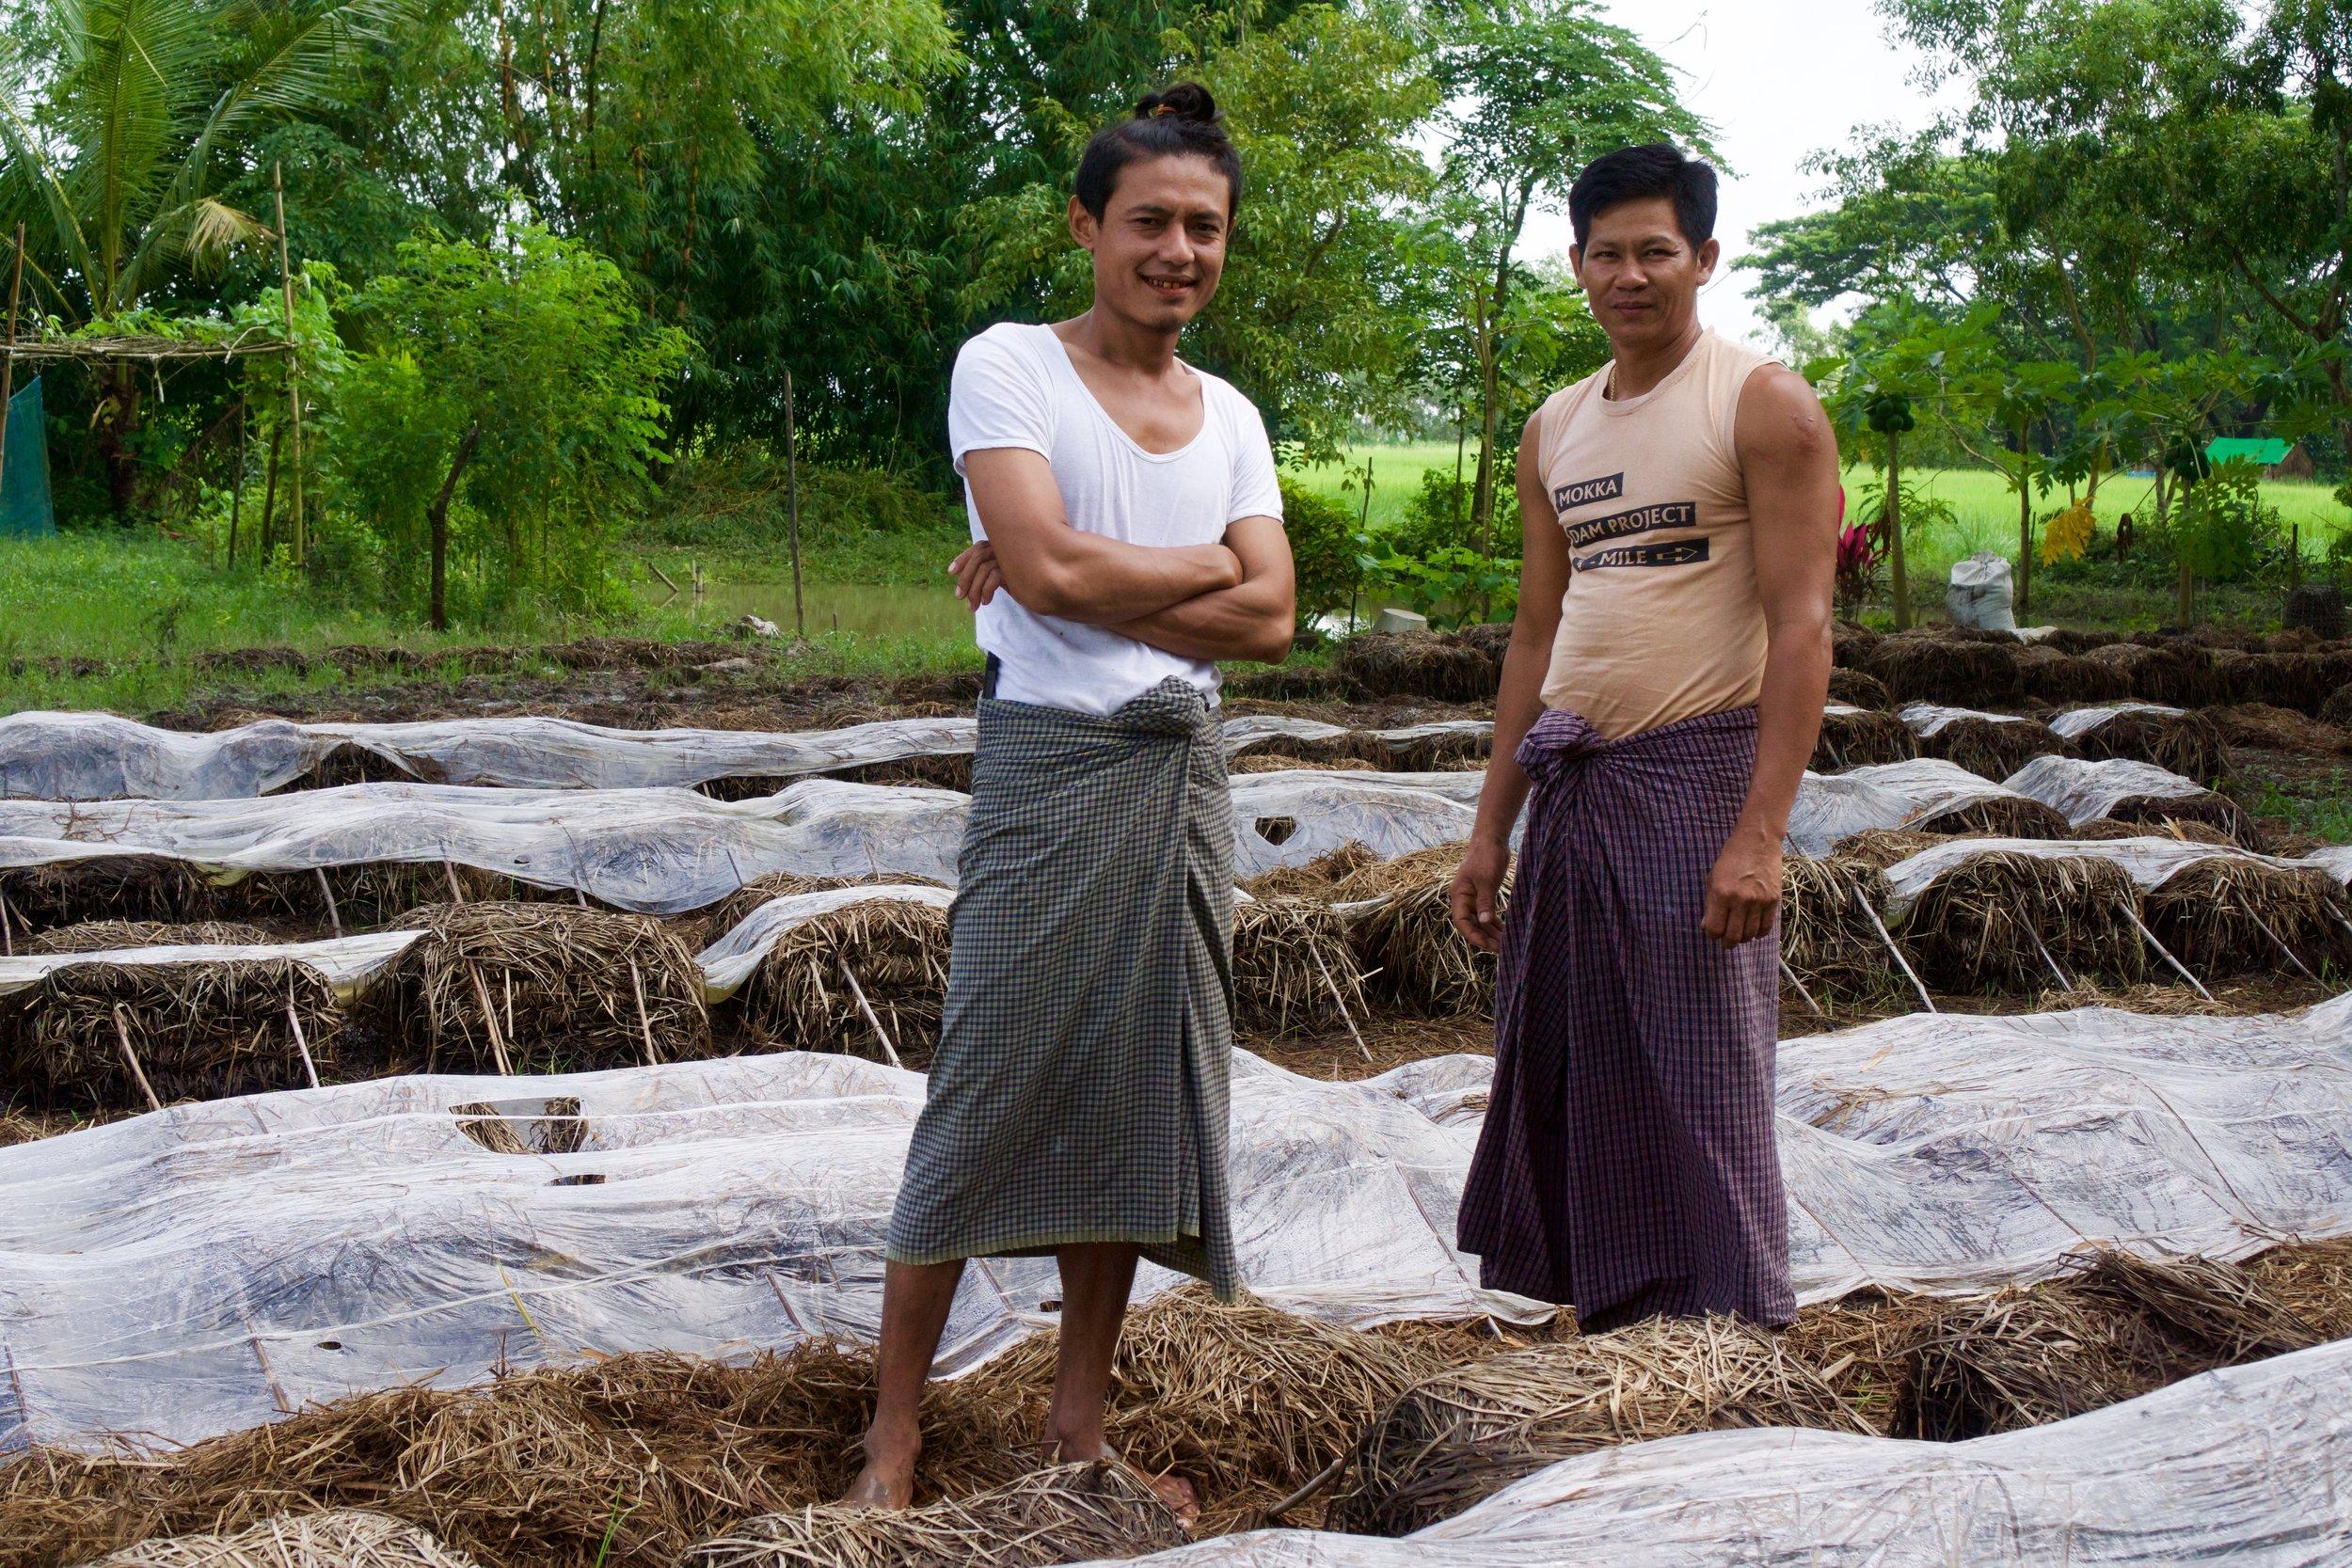 Ko Zin Min Htun (Paddy farmer) -